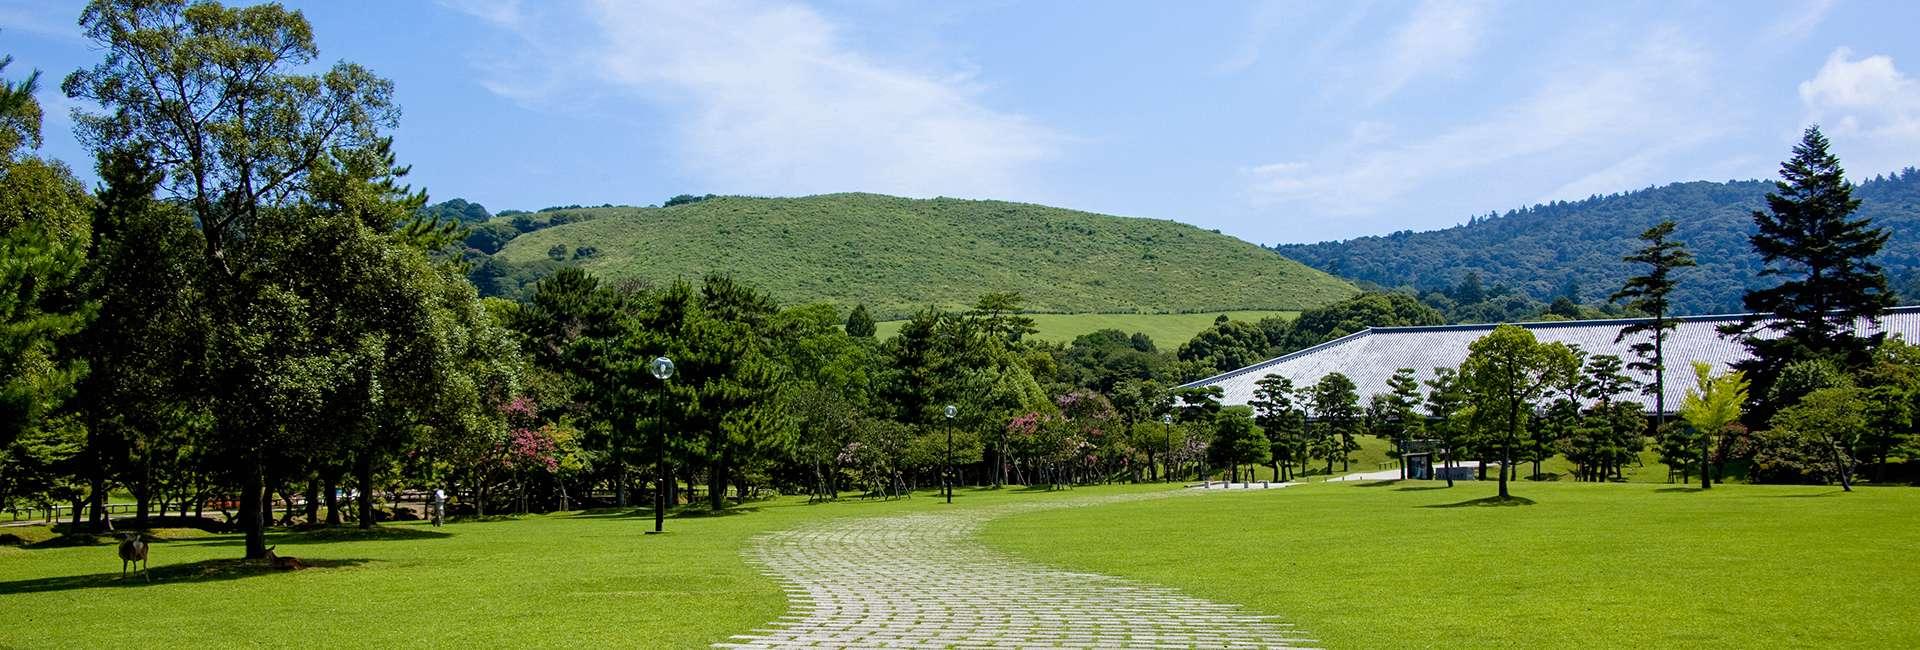 vista del Parco di Nara